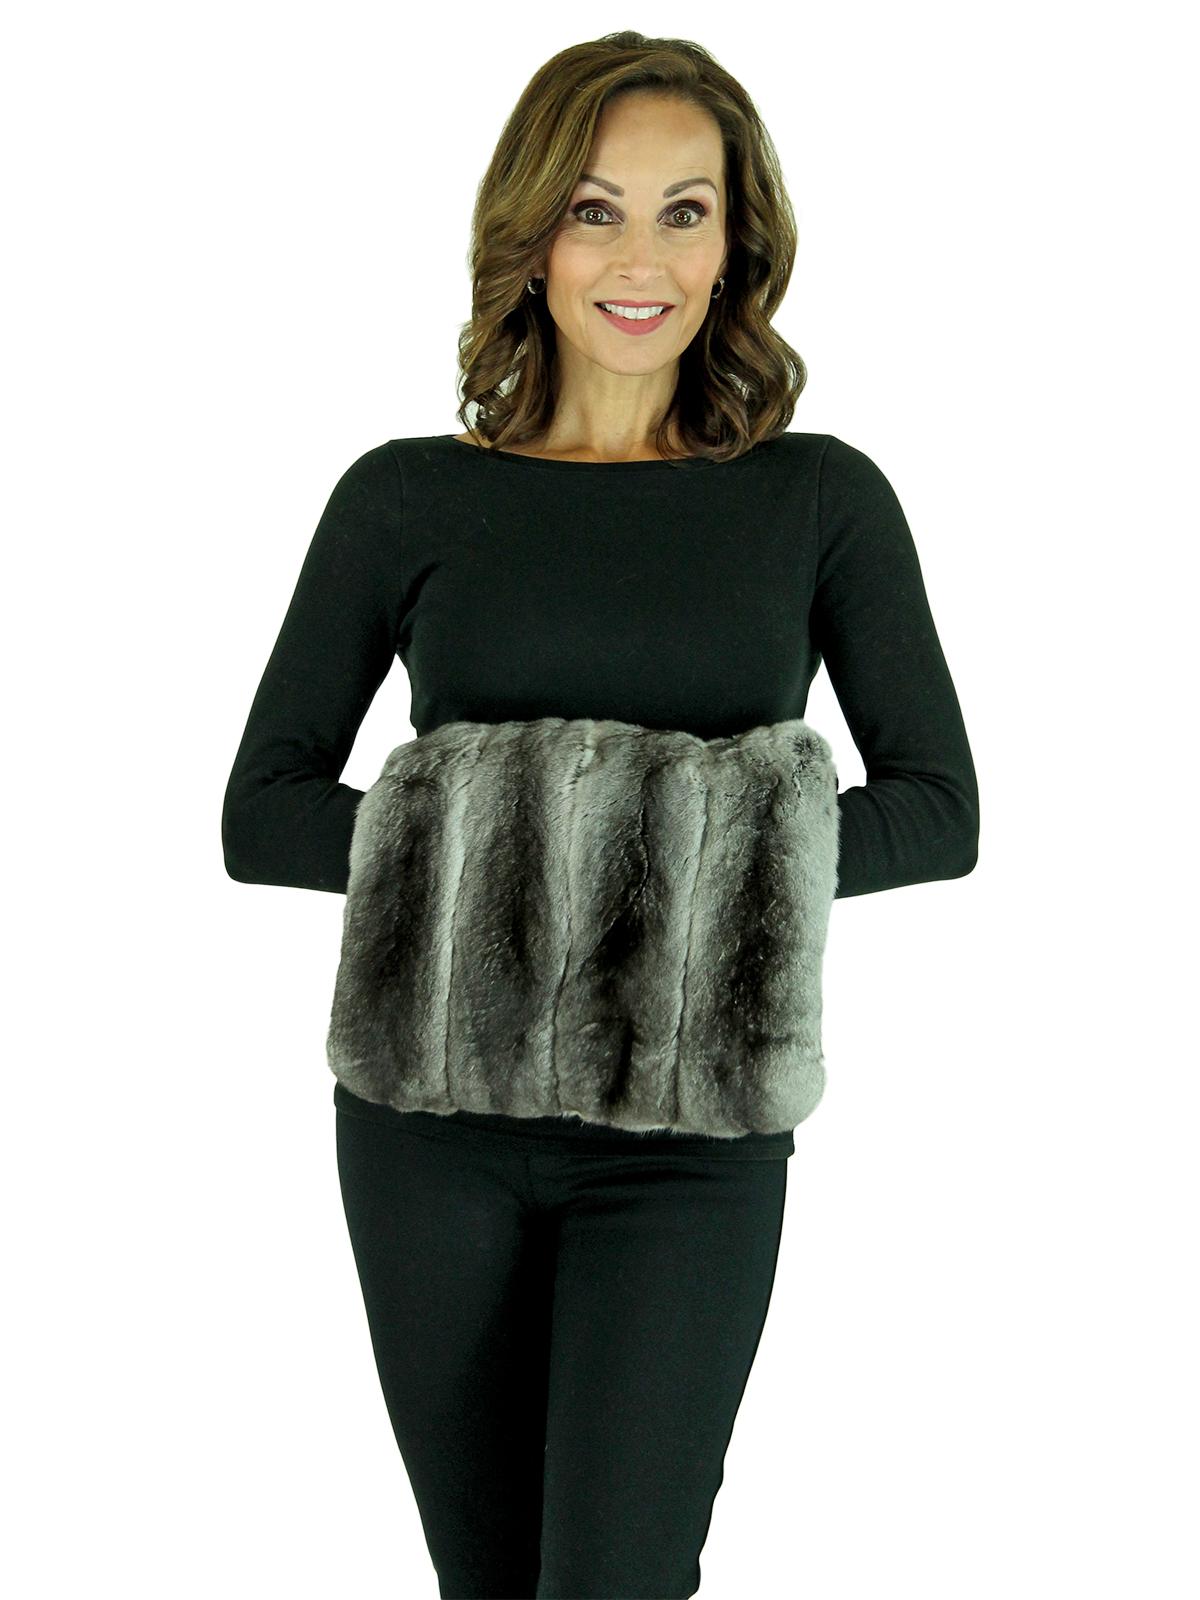 Woman's Flat Chinchilla Fur Muff with Fabric Back